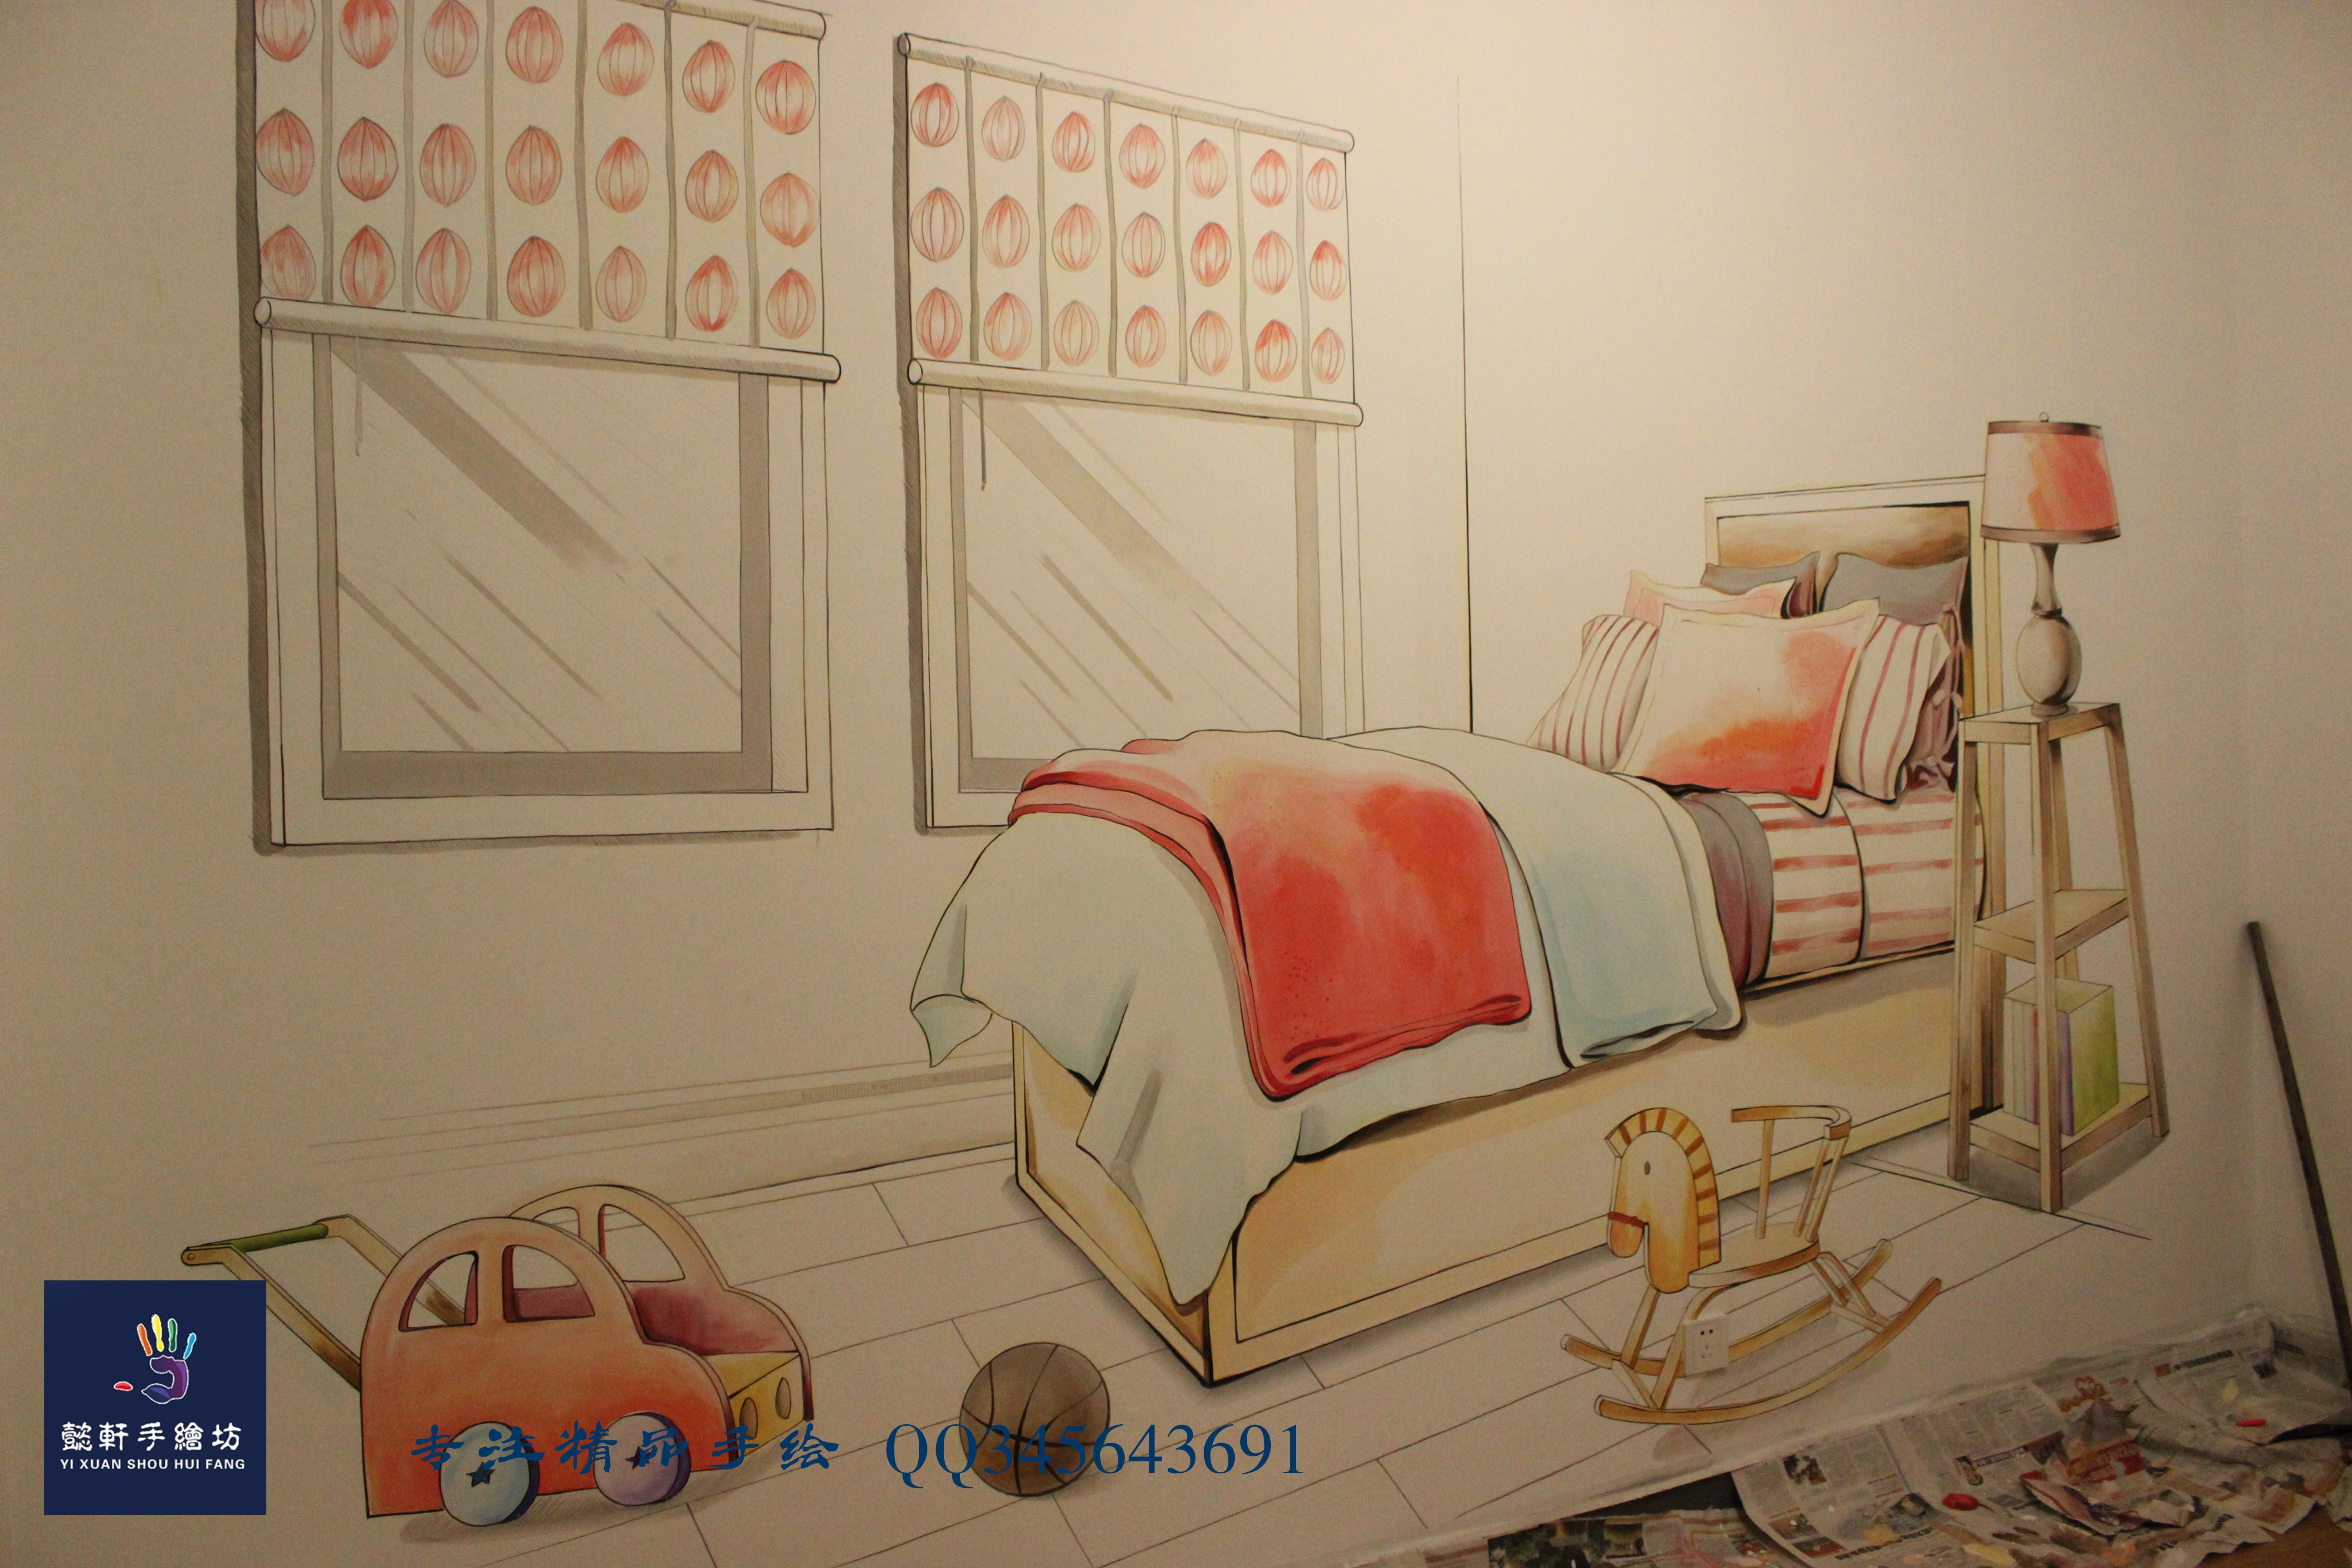 手绘墙|其他|墙绘/立体画|懿轩手绘墙 - 原创作品